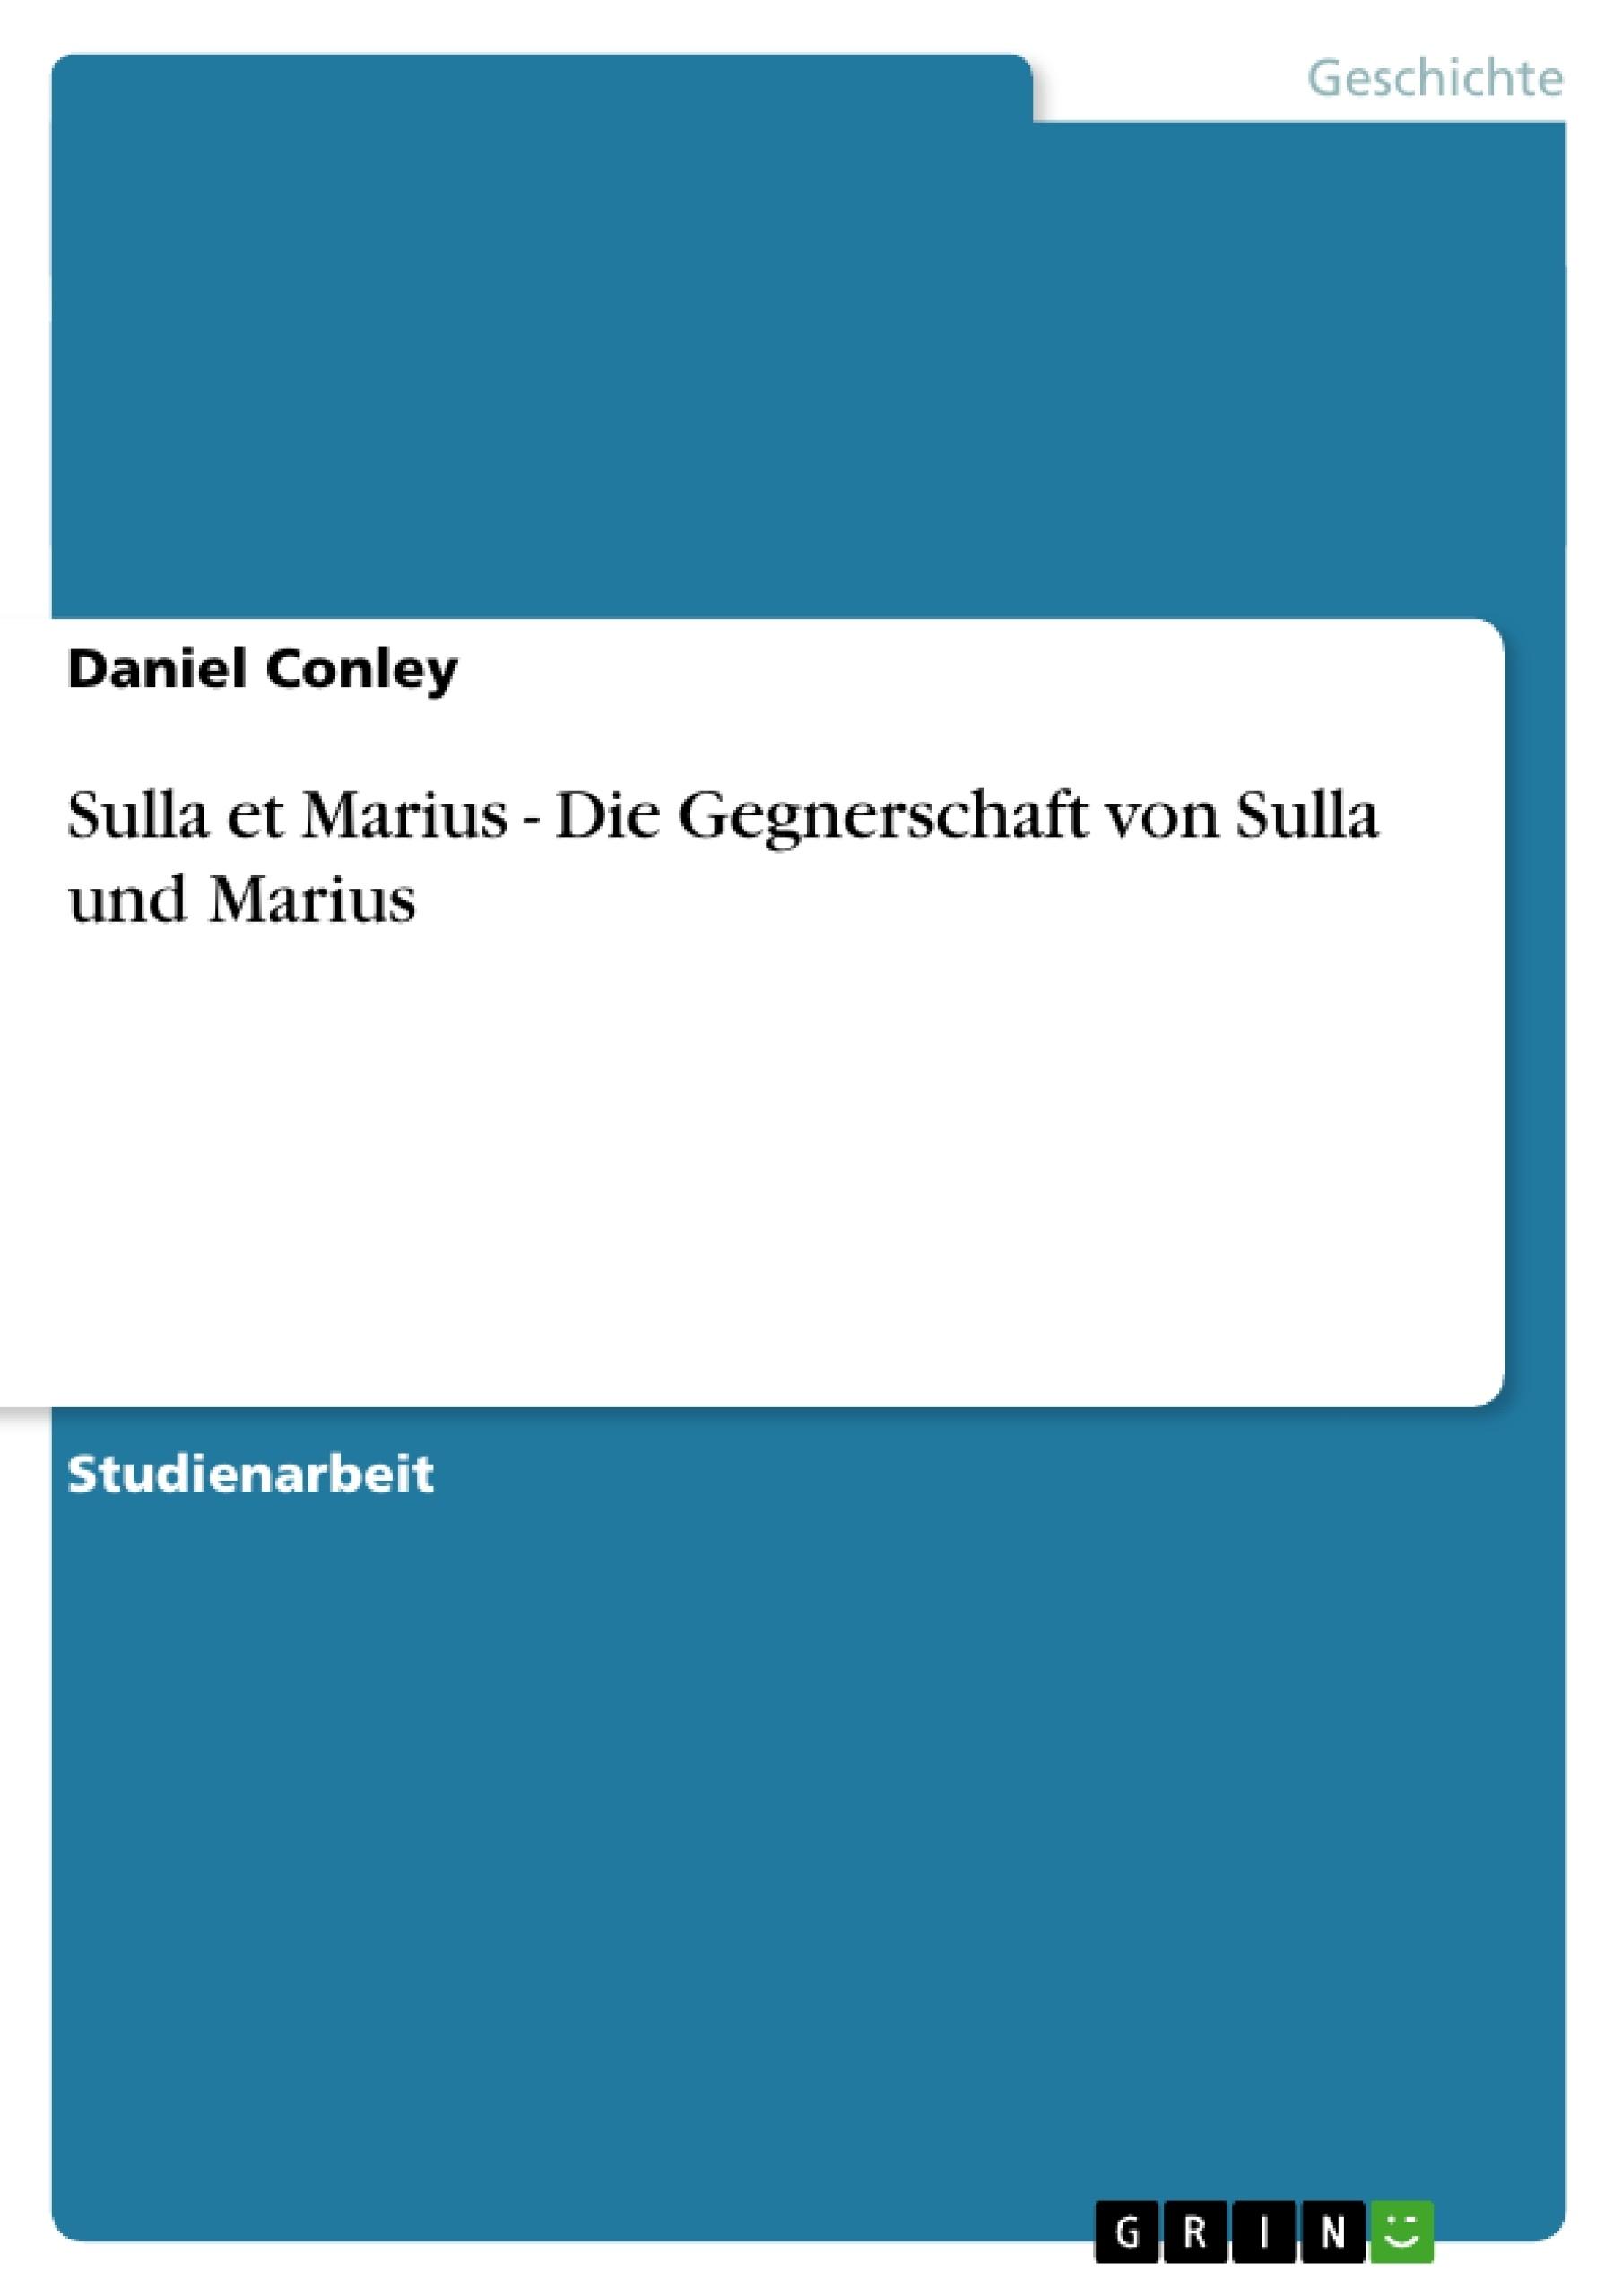 Titel: Sulla et Marius - Die Gegnerschaft von Sulla und Marius